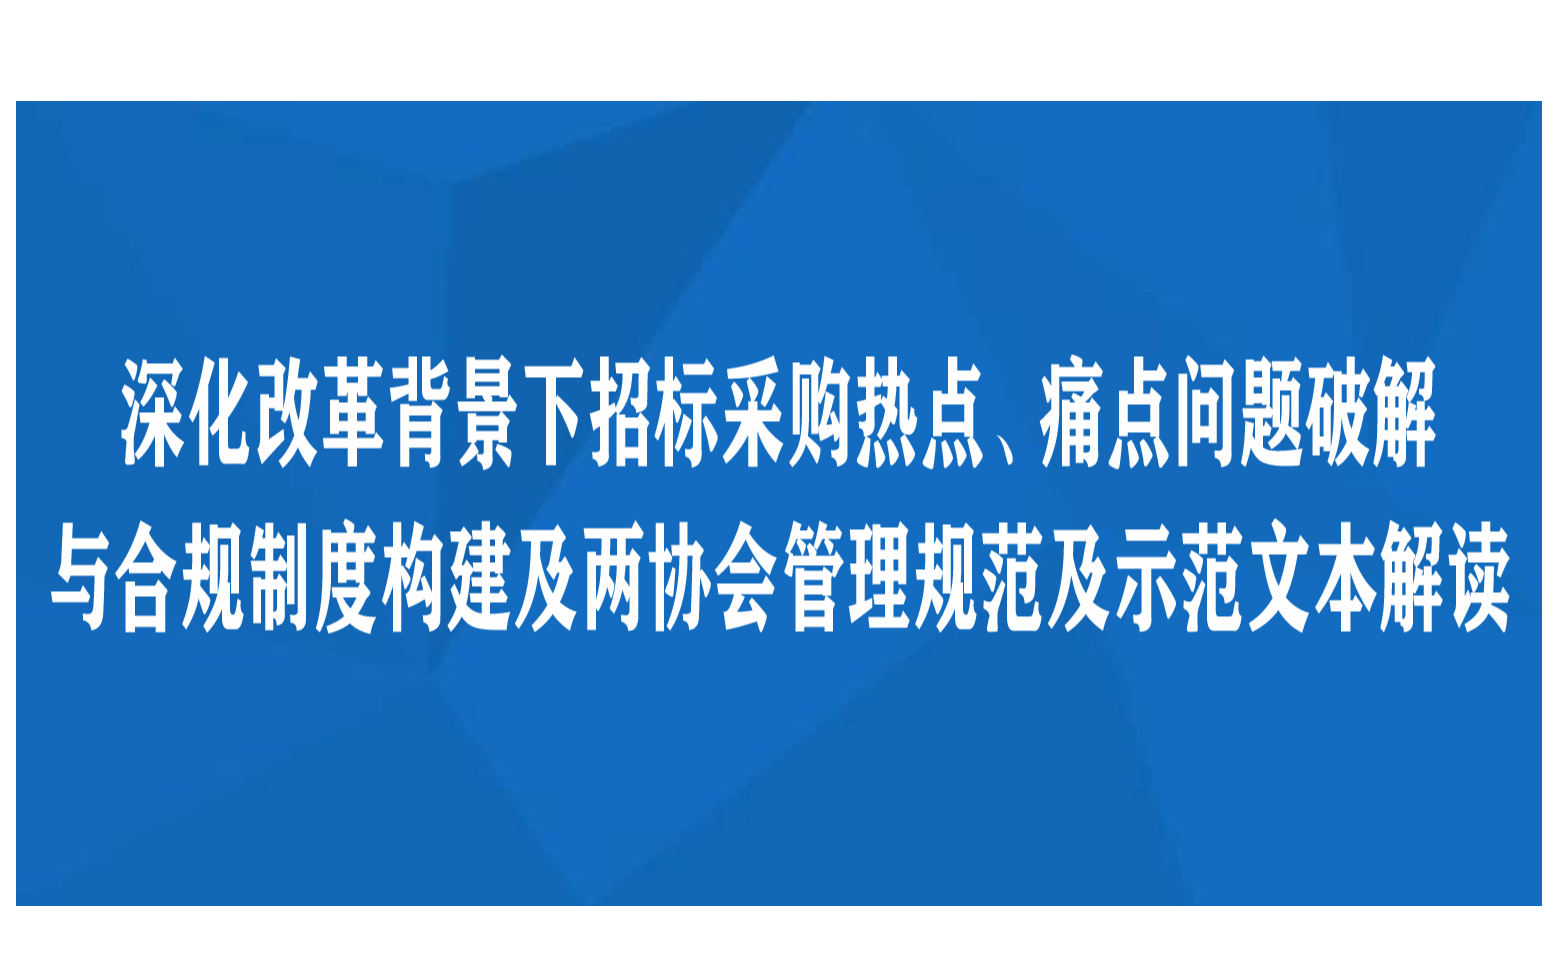 重庆12月深化改革背景下招标采购热点、痛点问题破解与合规制度构建及两协会管理规范及示范文本解读